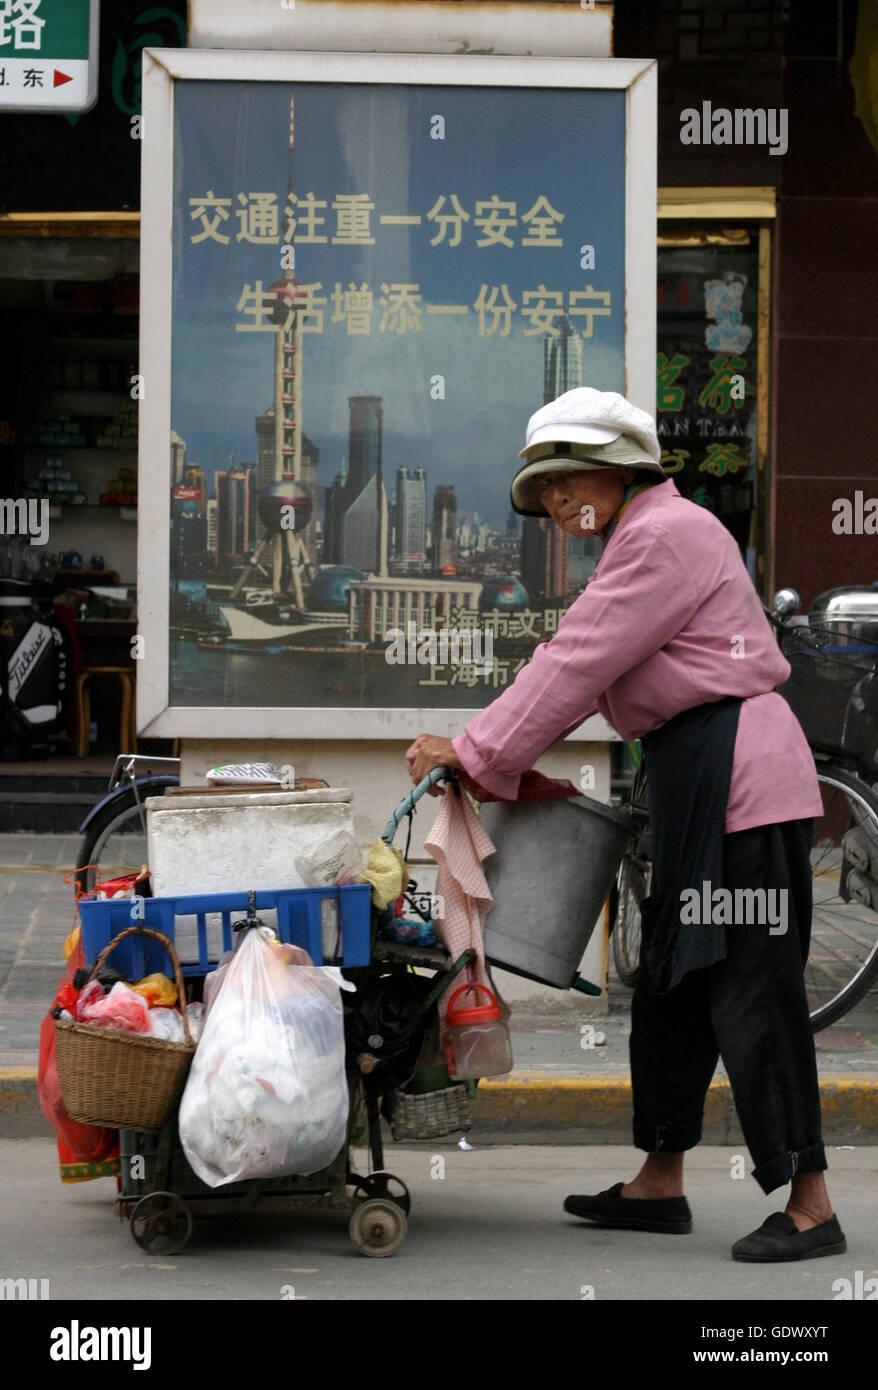 Une femme chinoise pousse un panier avec des choses qu'elle a recueillies sur une rue promenades Banque D'Images